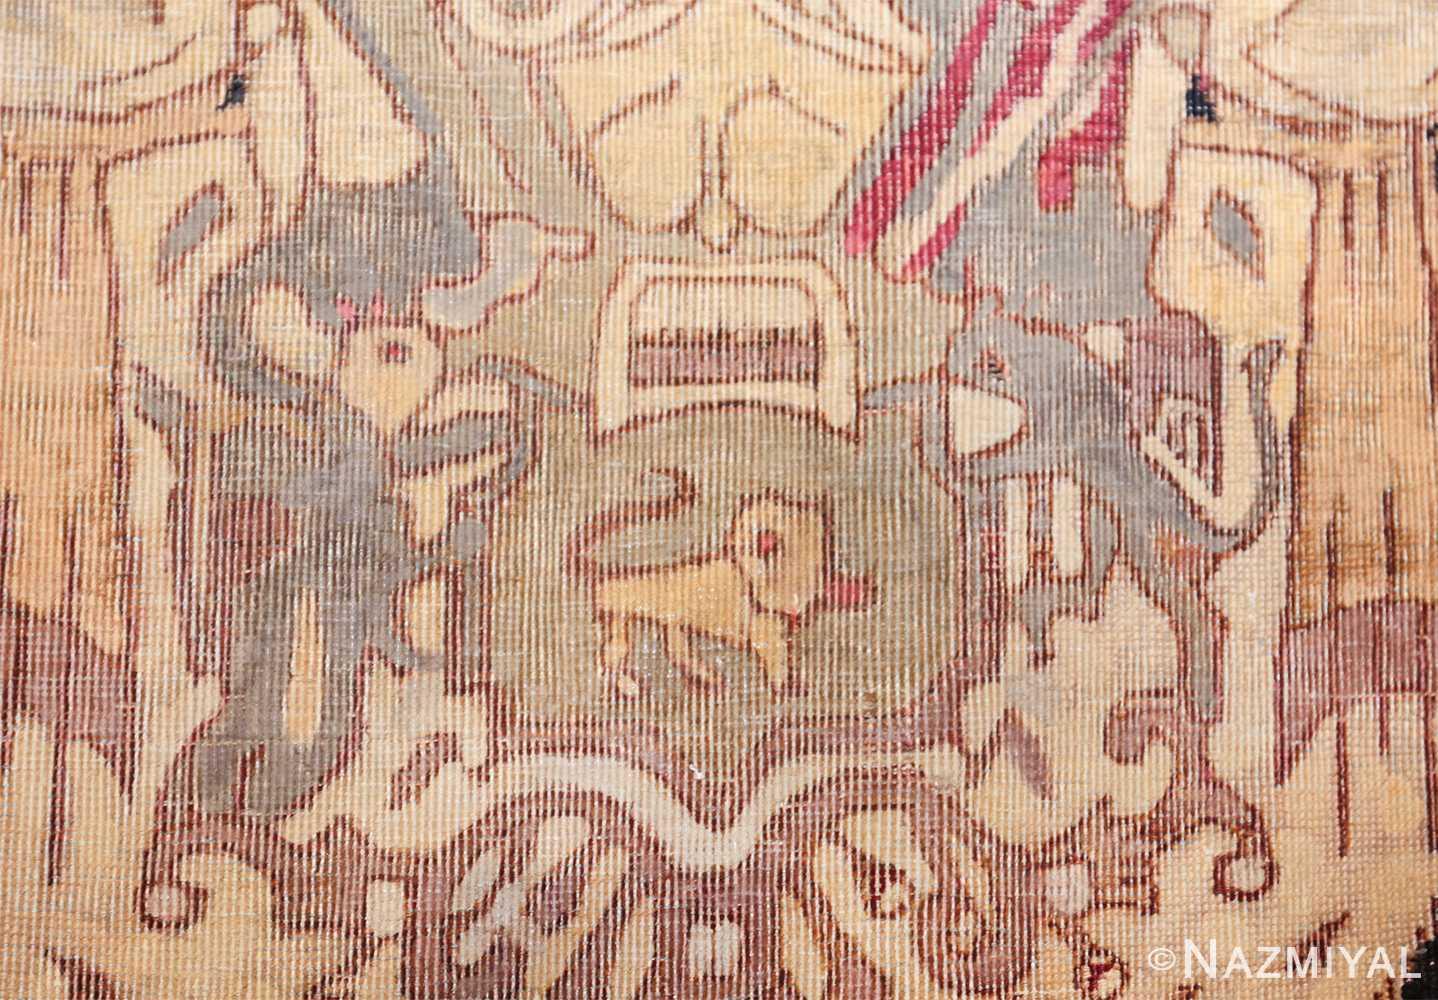 small size antique kerman persian rug 49610 cats Nazmiyal